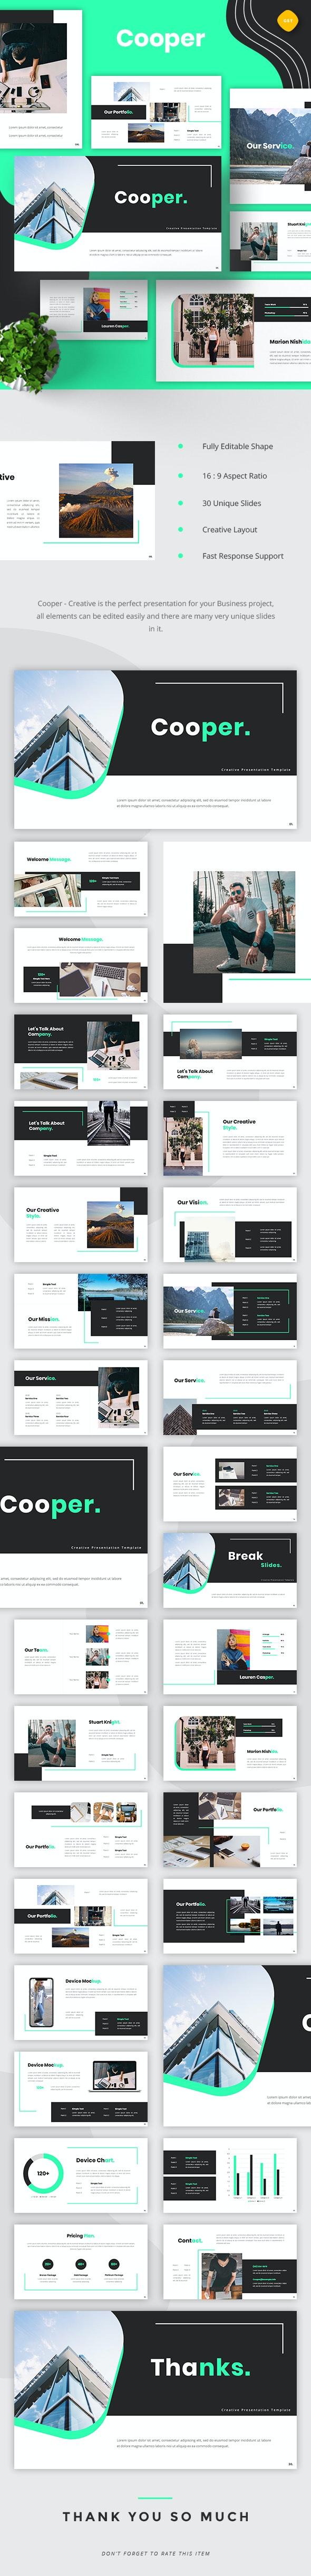 Cooper - Creative Google Slides - Google Slides Presentation Templates